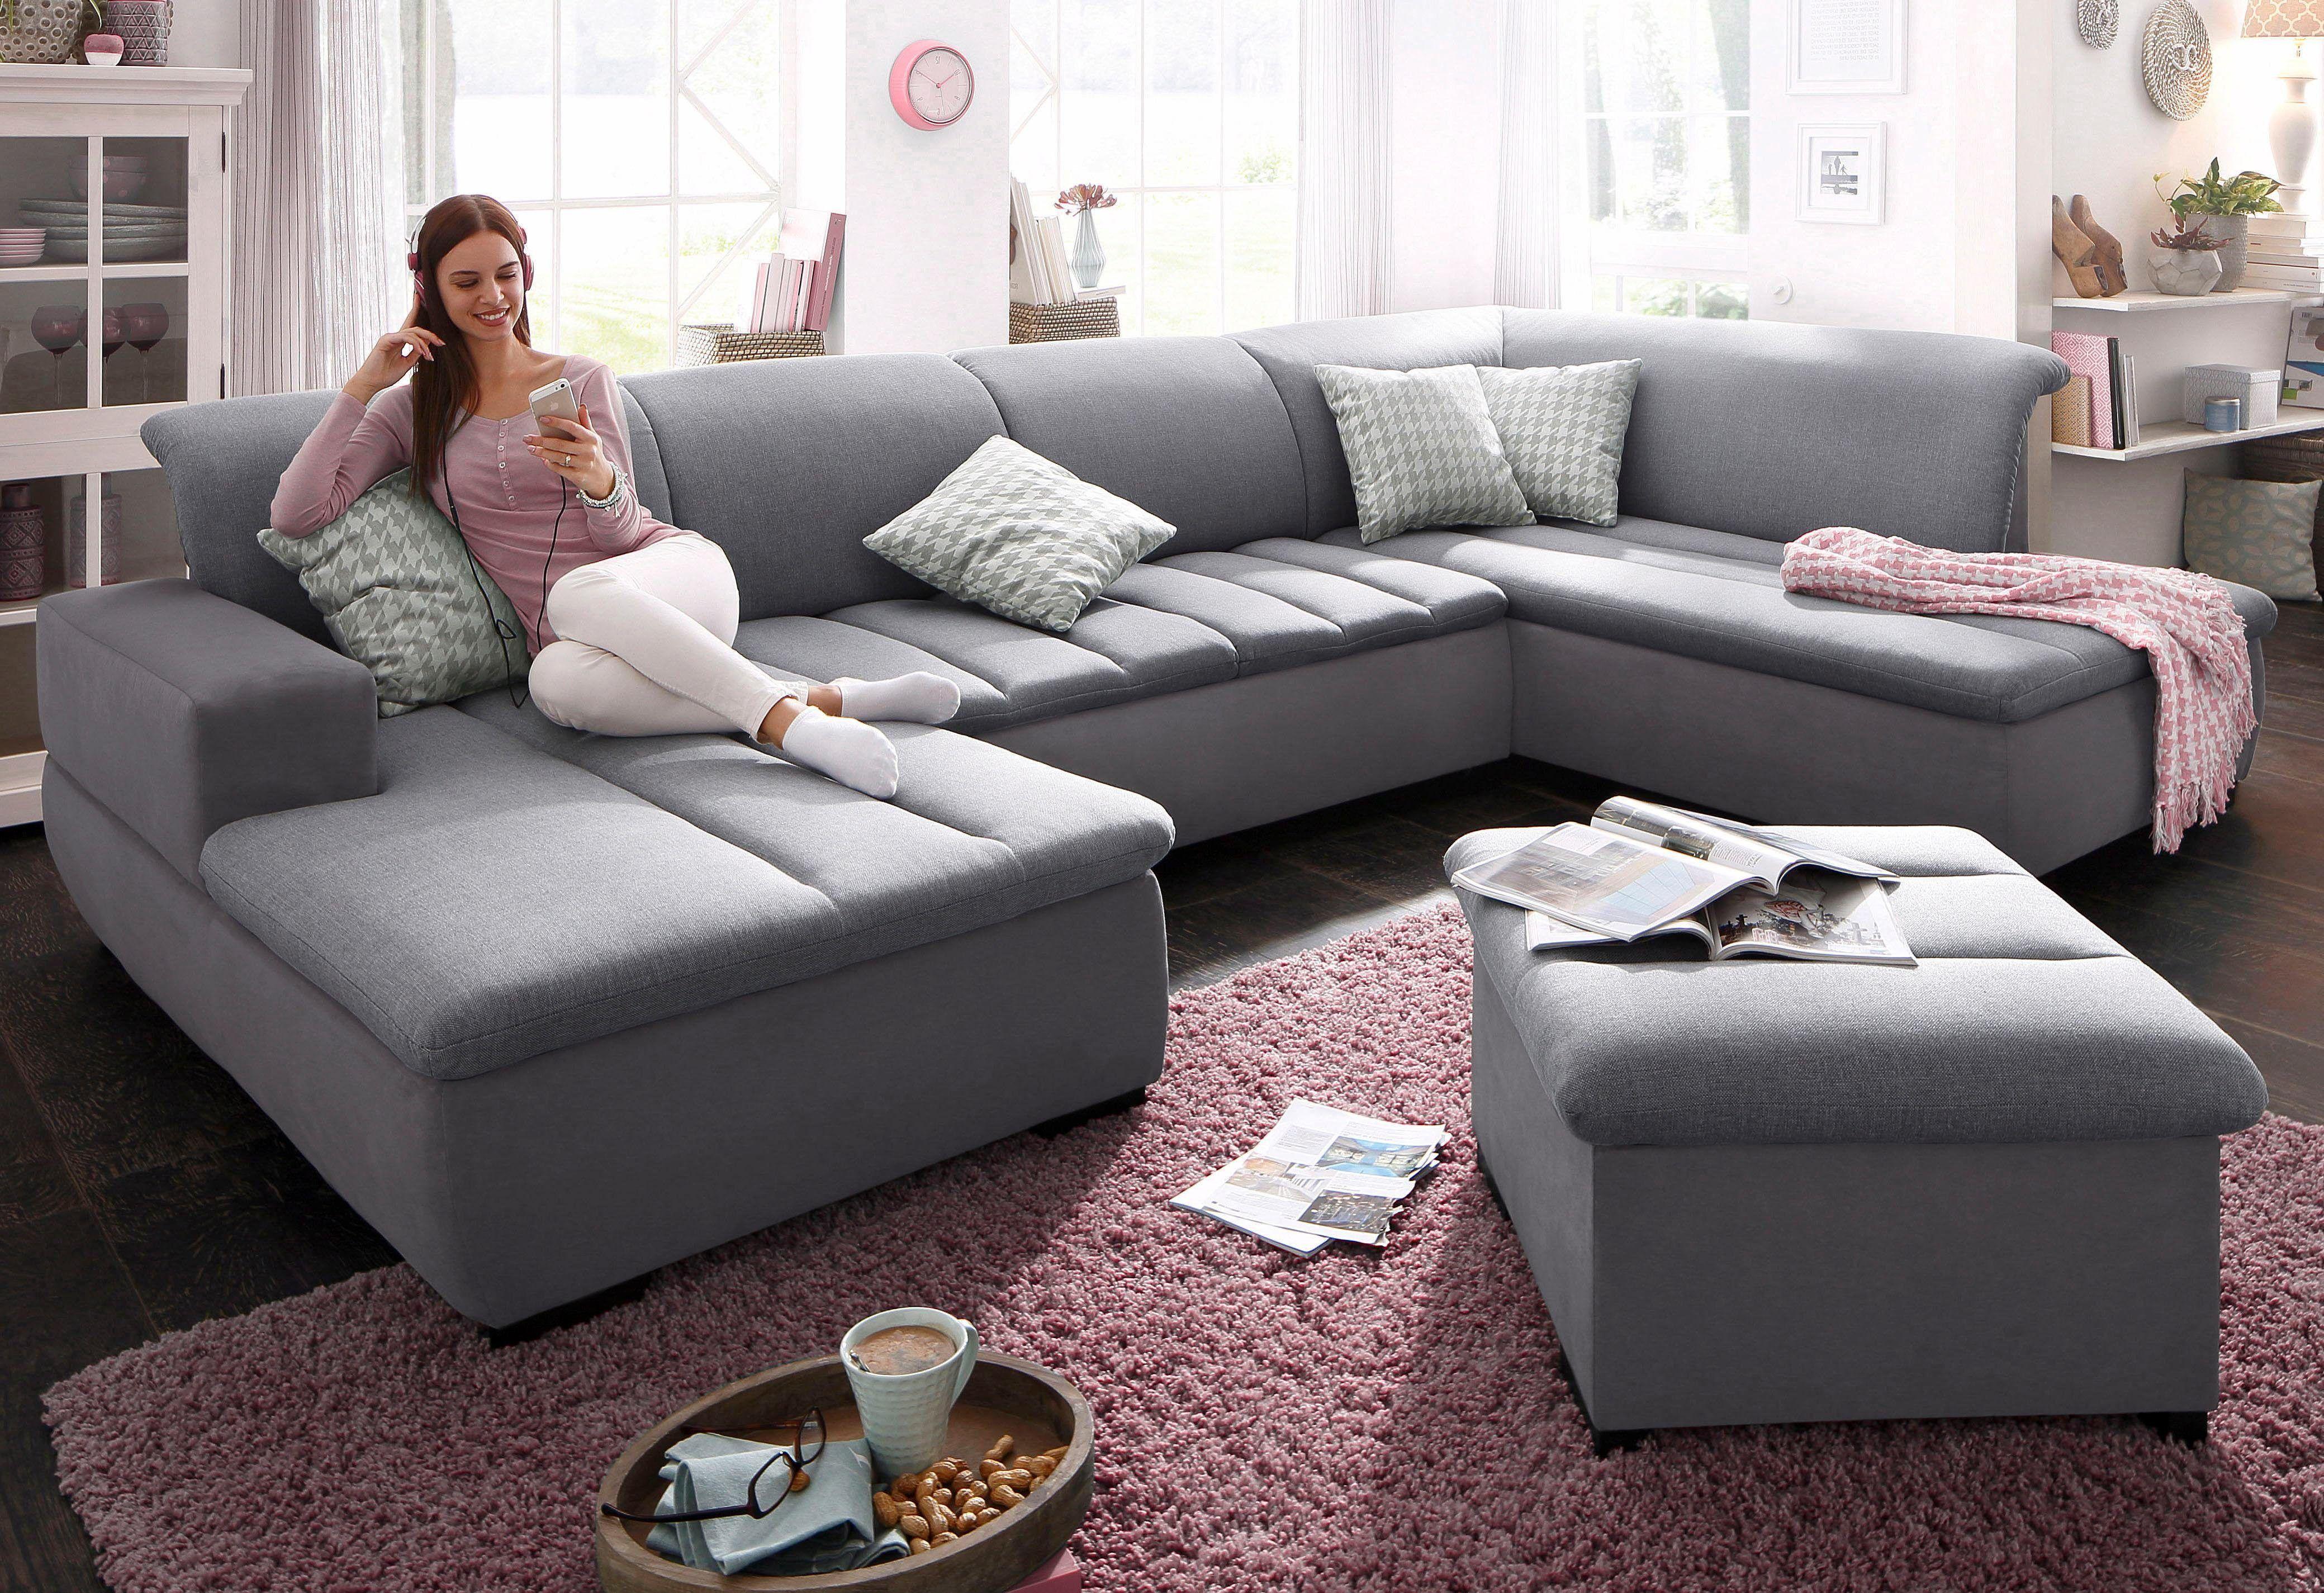 Home Affaire Xxl Wohnlandschaft Grau Recamiere Links Pellworm Mit Schlaffunktion Fsc Zertifiziert Jetzt Be Mobel Wohnzimmer Wohnzimmer Couch Couch Mobel